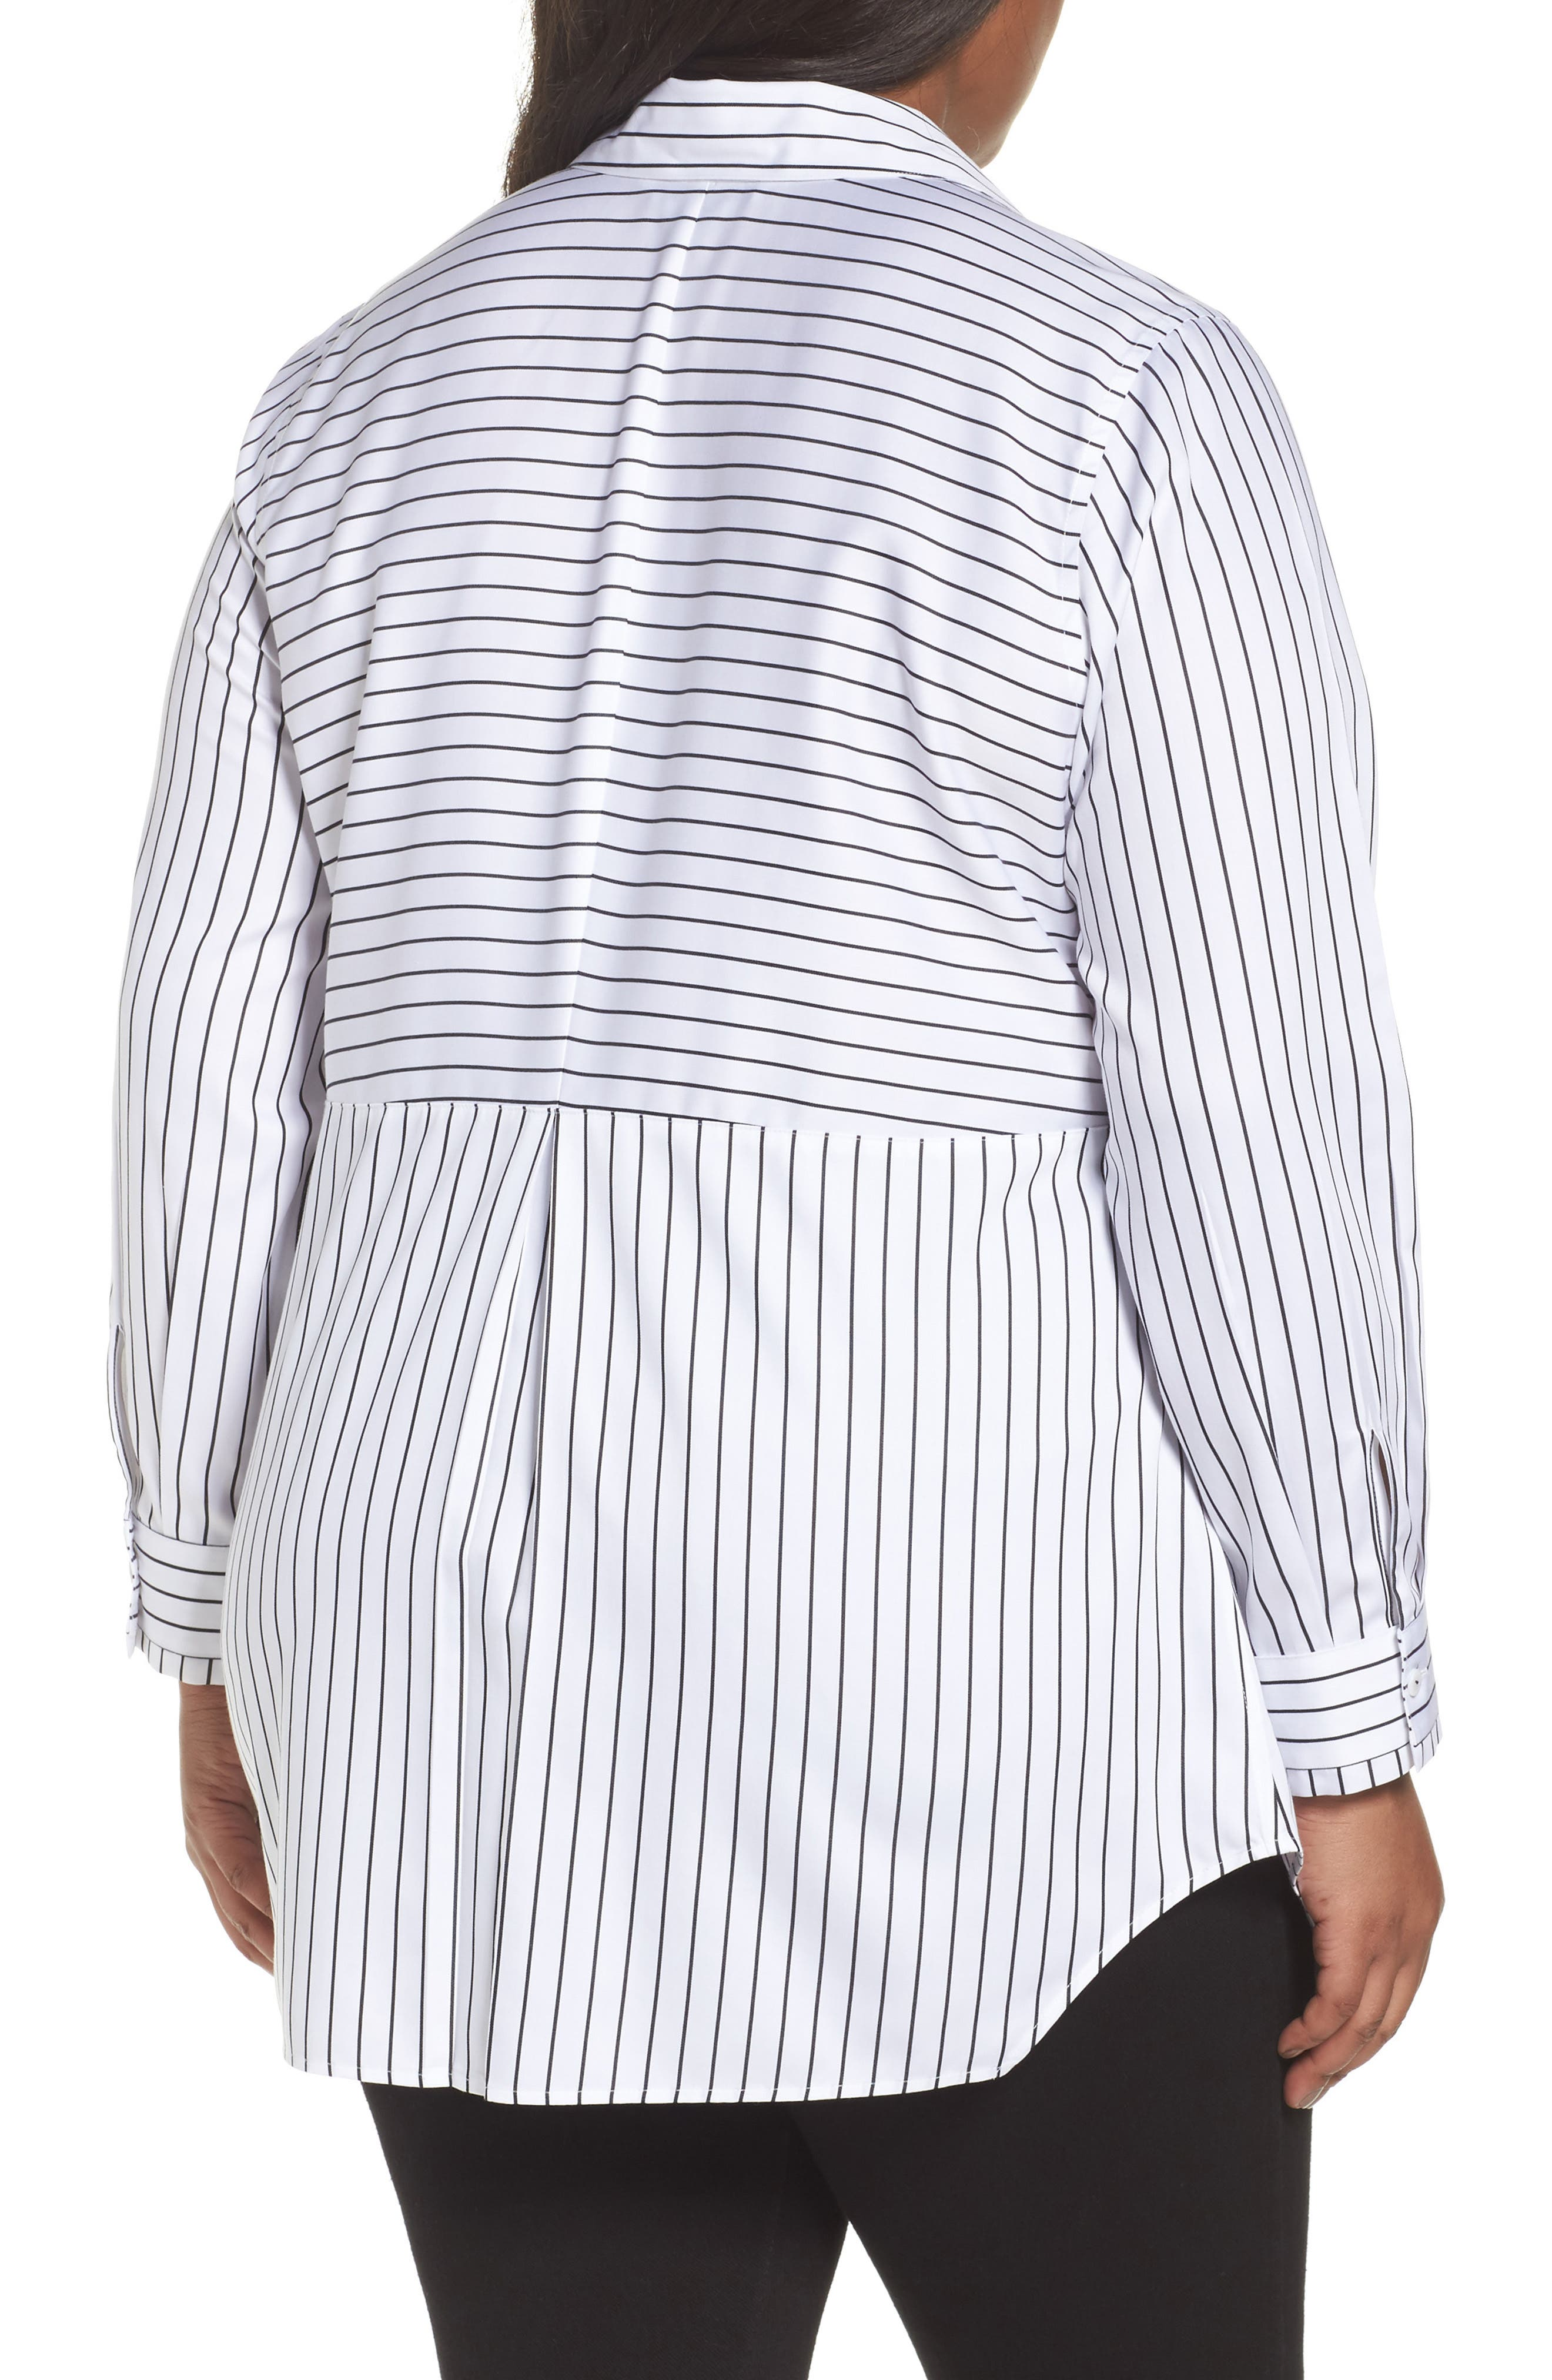 Gina Holiday Stripe Shirt,                             Alternate thumbnail 3, color,